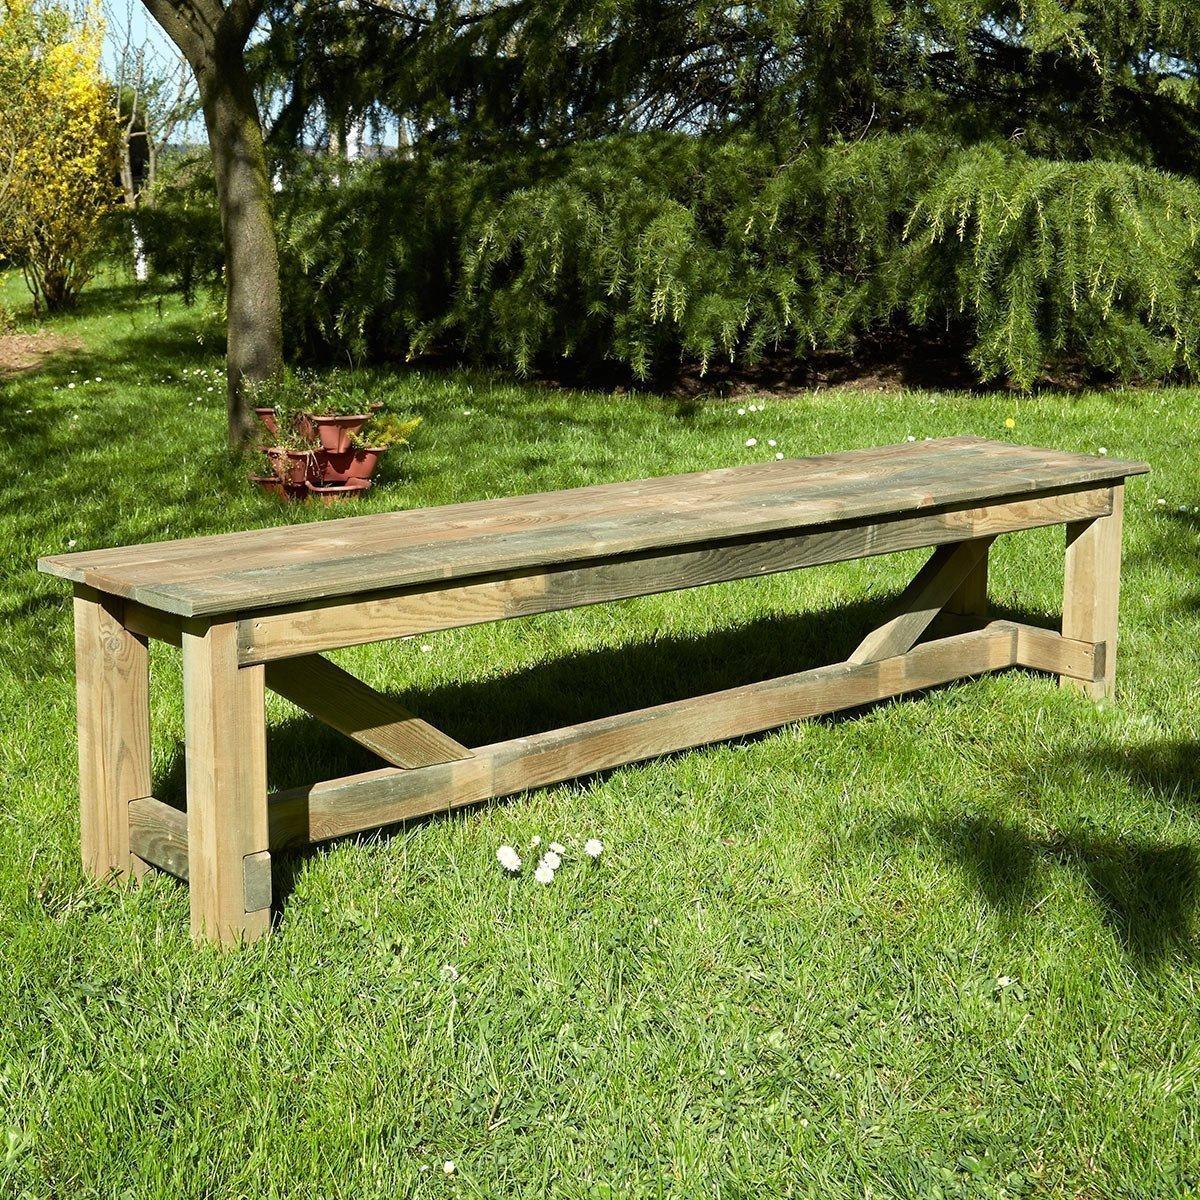 Banc De Jardin 4 Places En Bois Normand - Achat/vente De ... encequiconcerne Petit Banc De Jardin Pas Cher